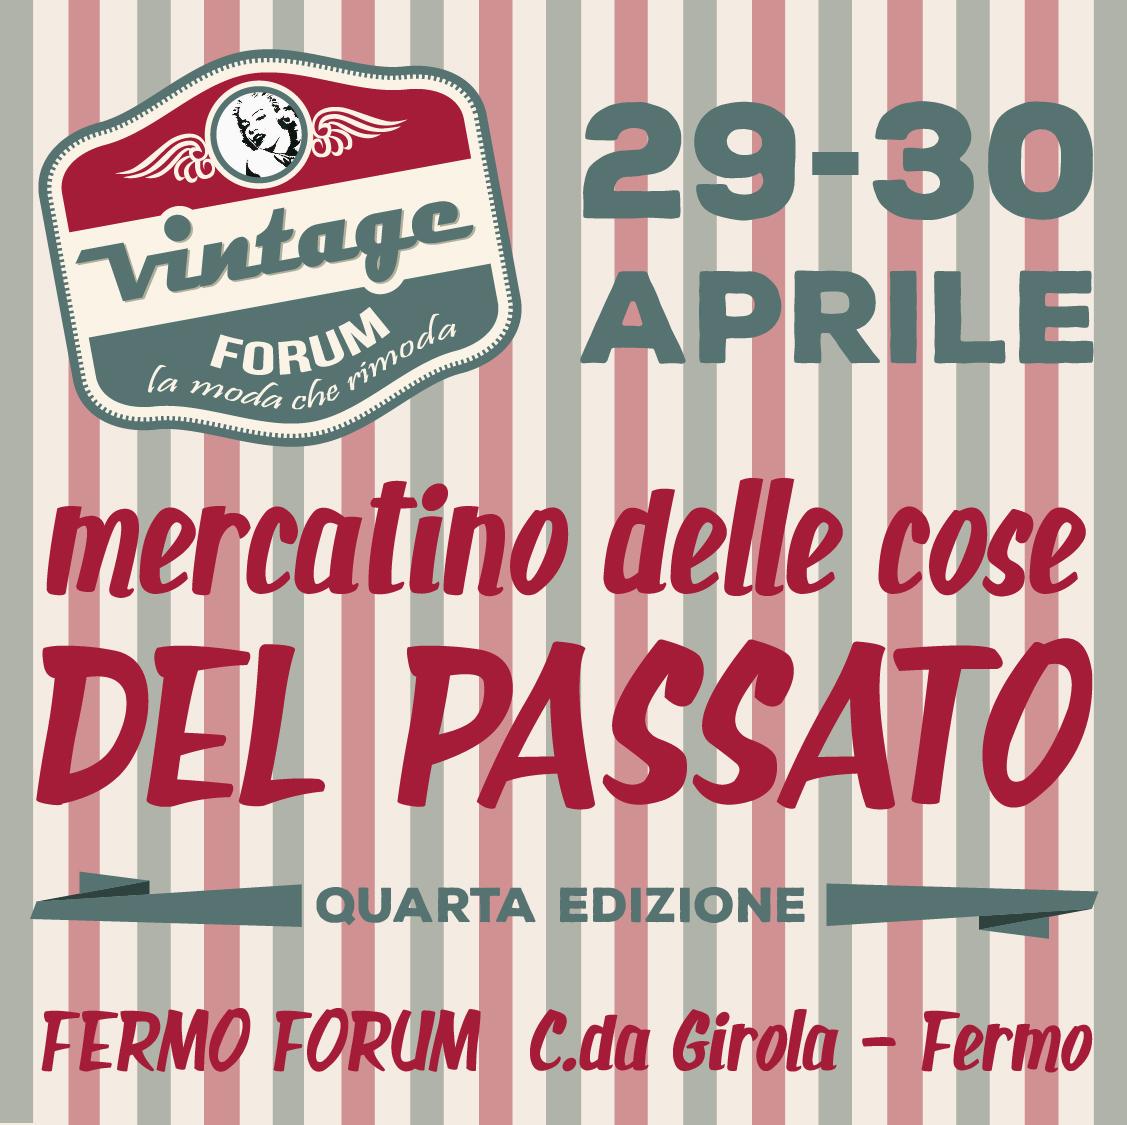 Vintage Forum aprile 2017